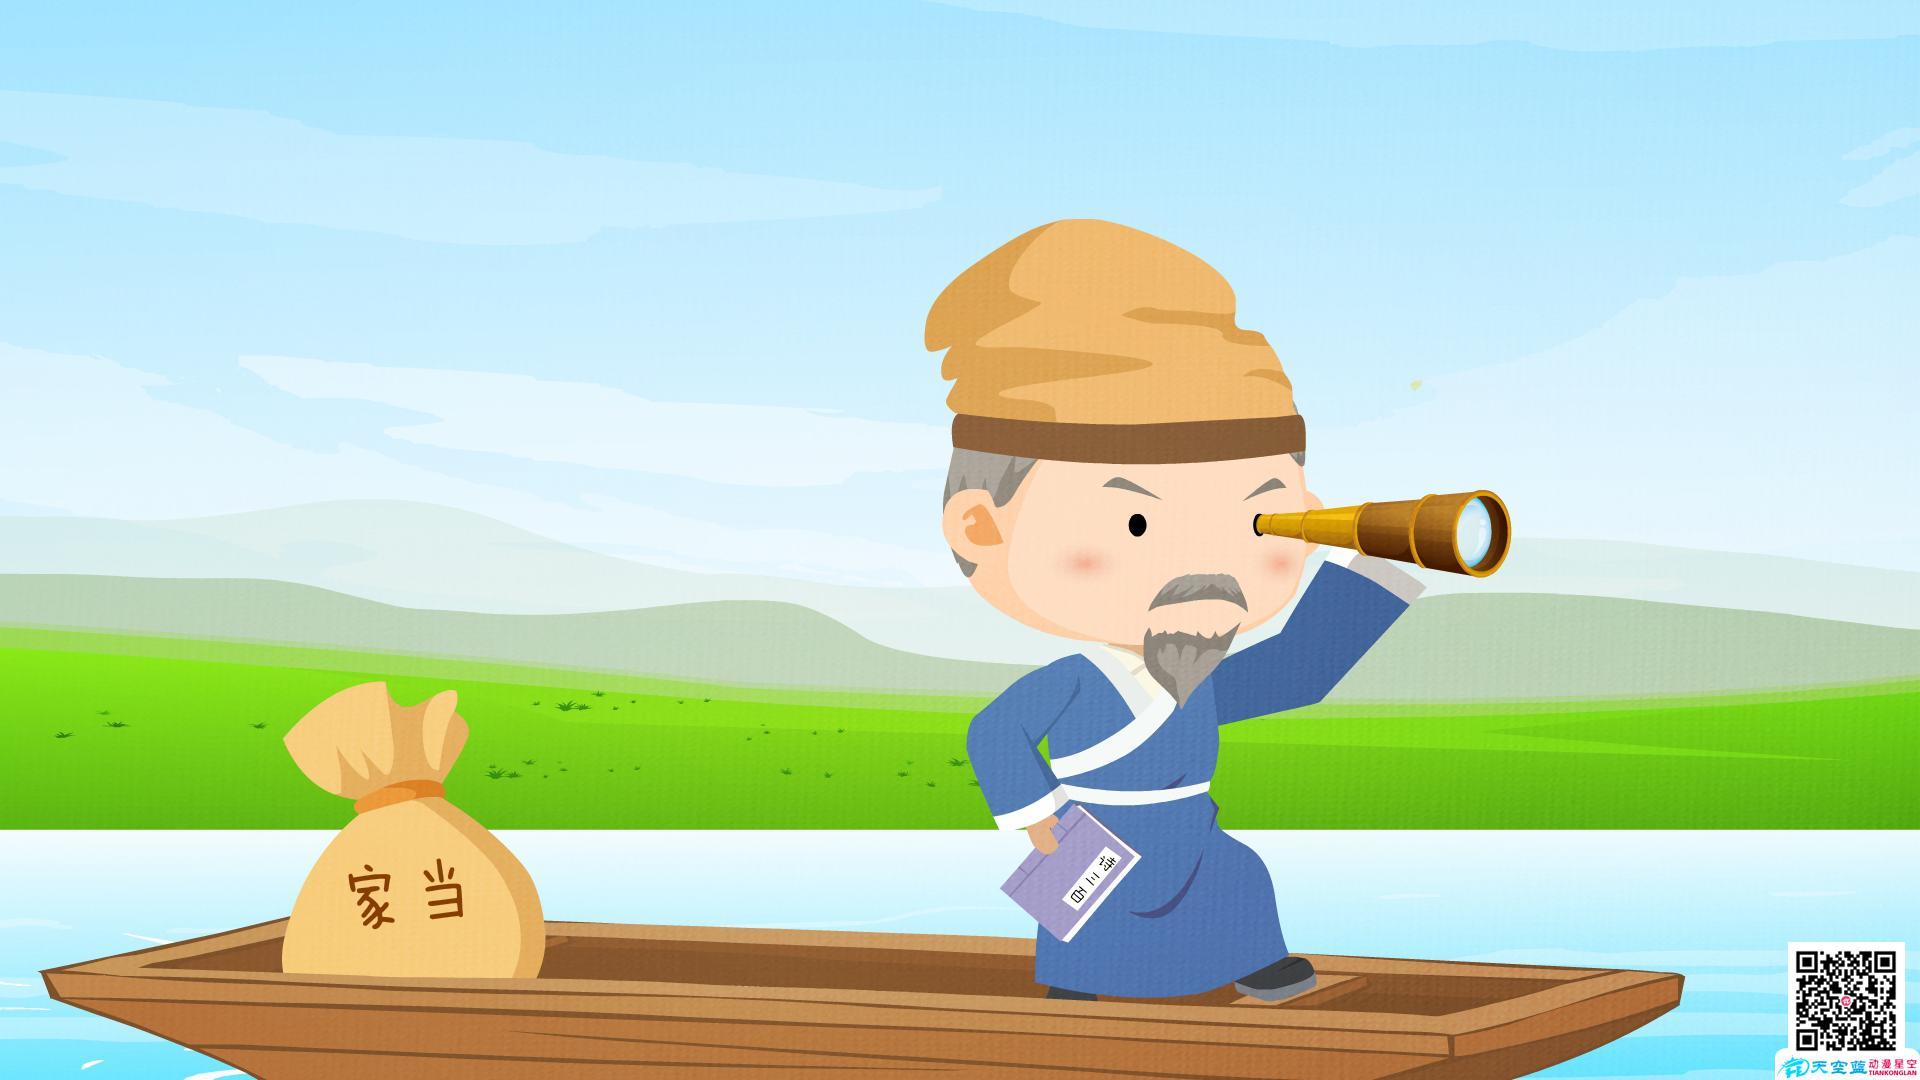 动画宣传短视频可以吸引到微信客户吗?